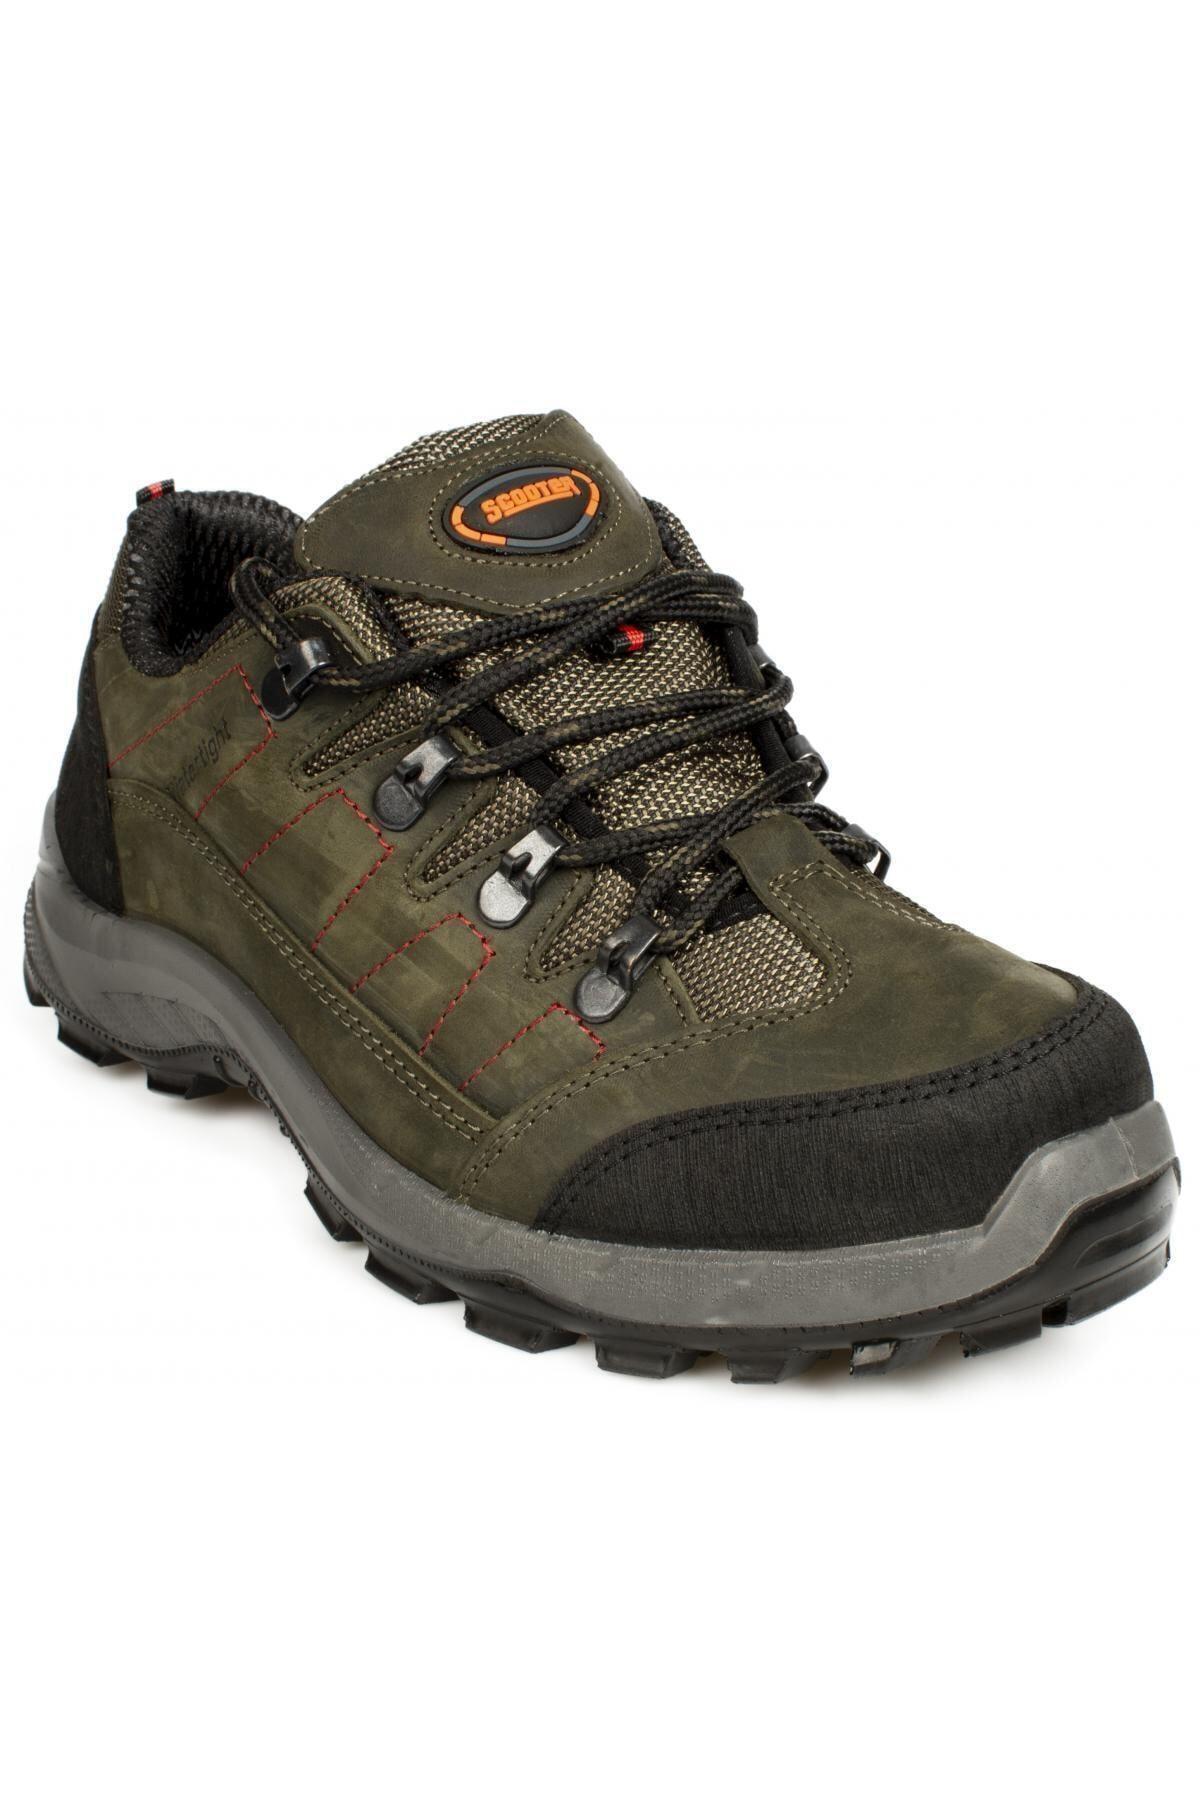 Su Geçirmez Hakiki Deri Yeşil Erkek Bağcıklı Outdoor Ayakkabı M1233cy